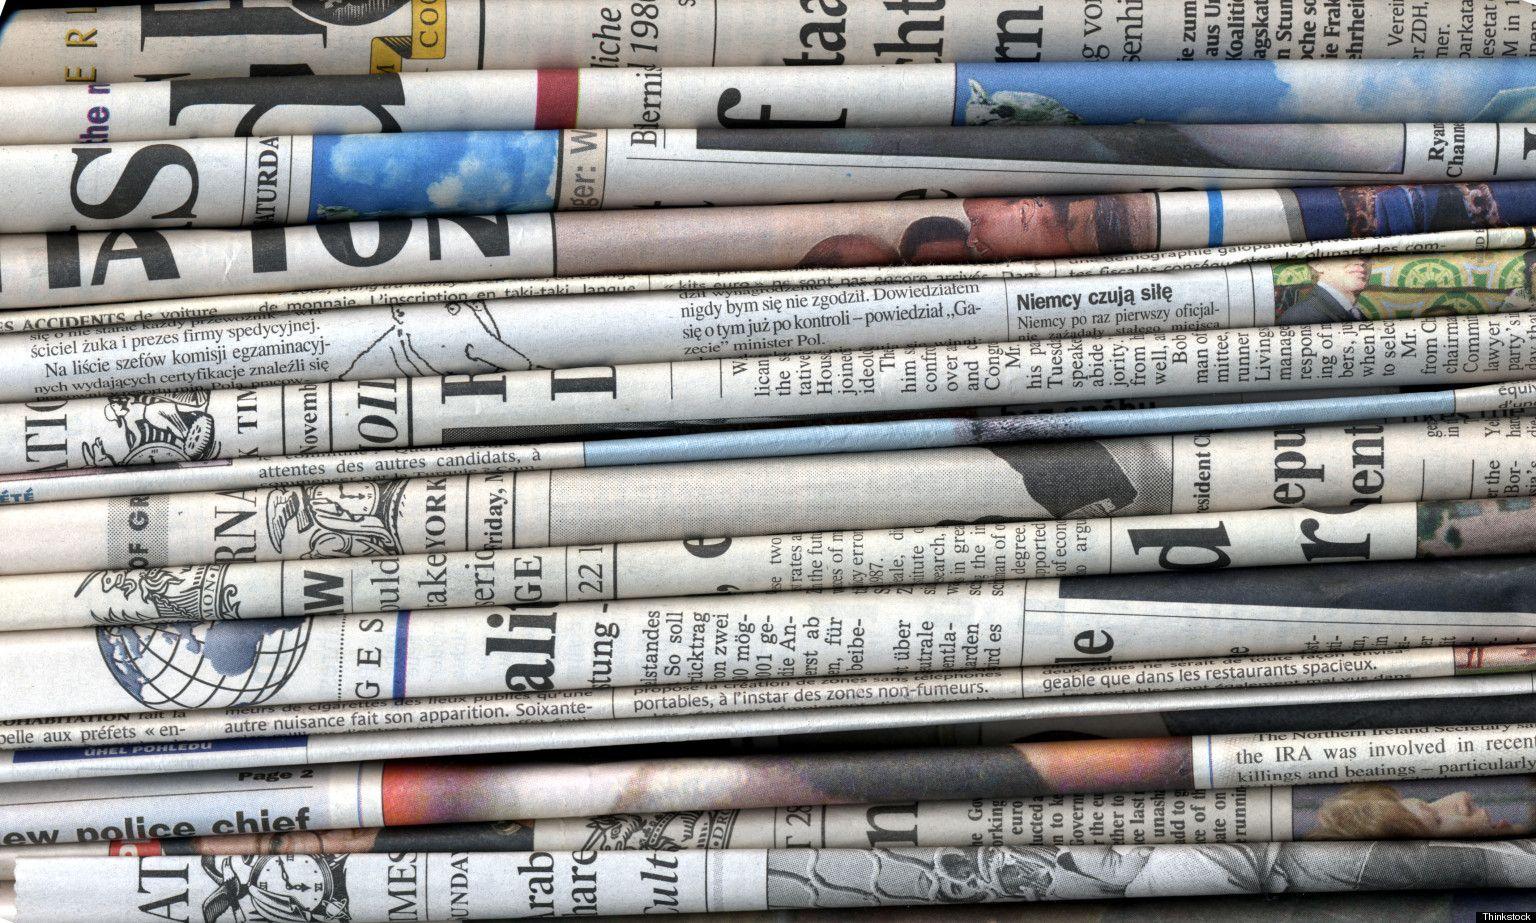 Riciclo creativo e riutilizzo di vecchi giornali